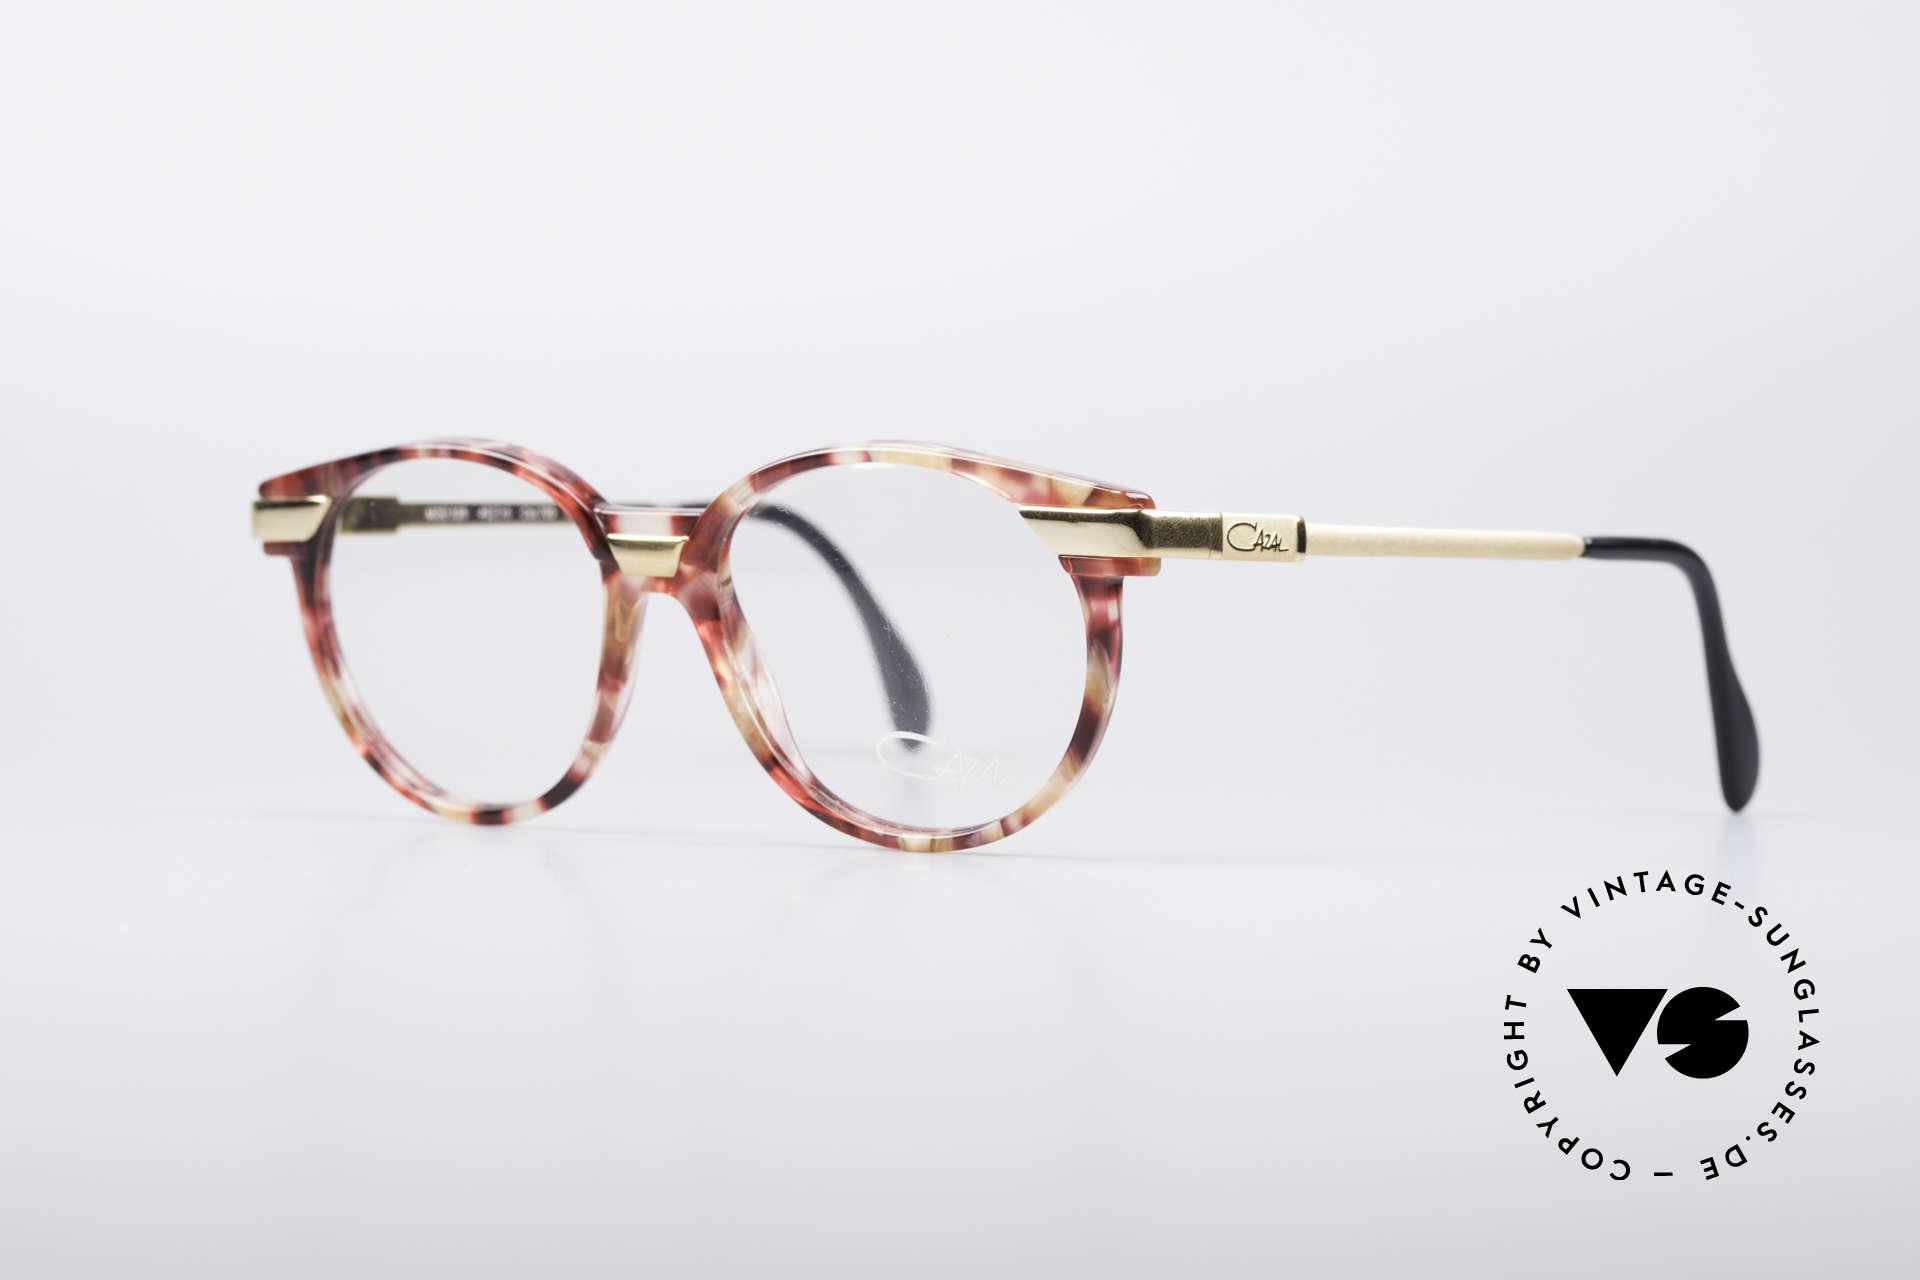 Cazal 338 Kleine Runde Vintage Brille, kreative & zugleich dezente Kolorierung des Rahmens, Passend für Herren und Damen